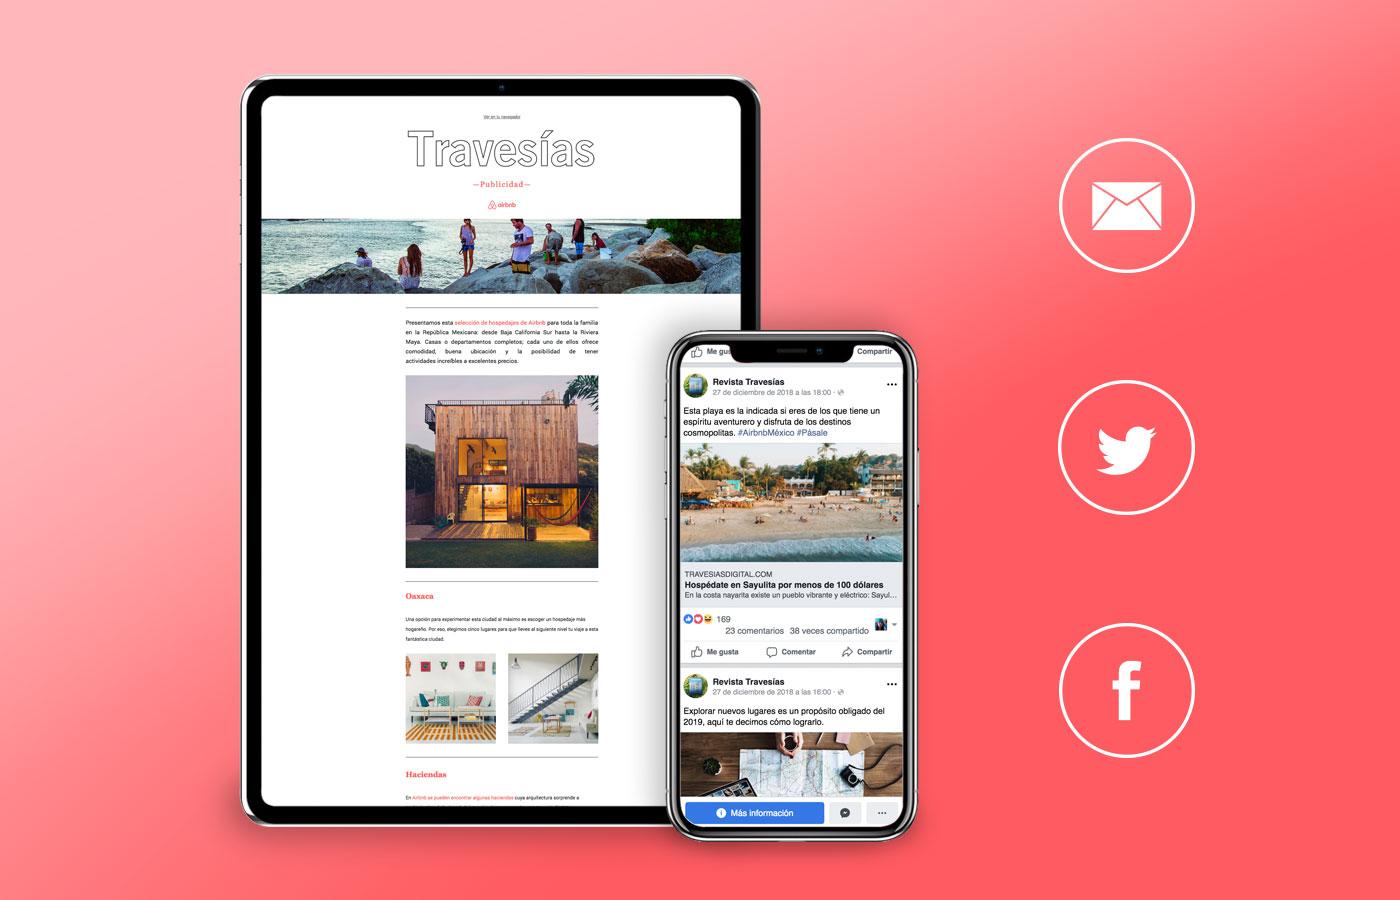 airbnb-caso-de-exito-redes-sociales-newsletter